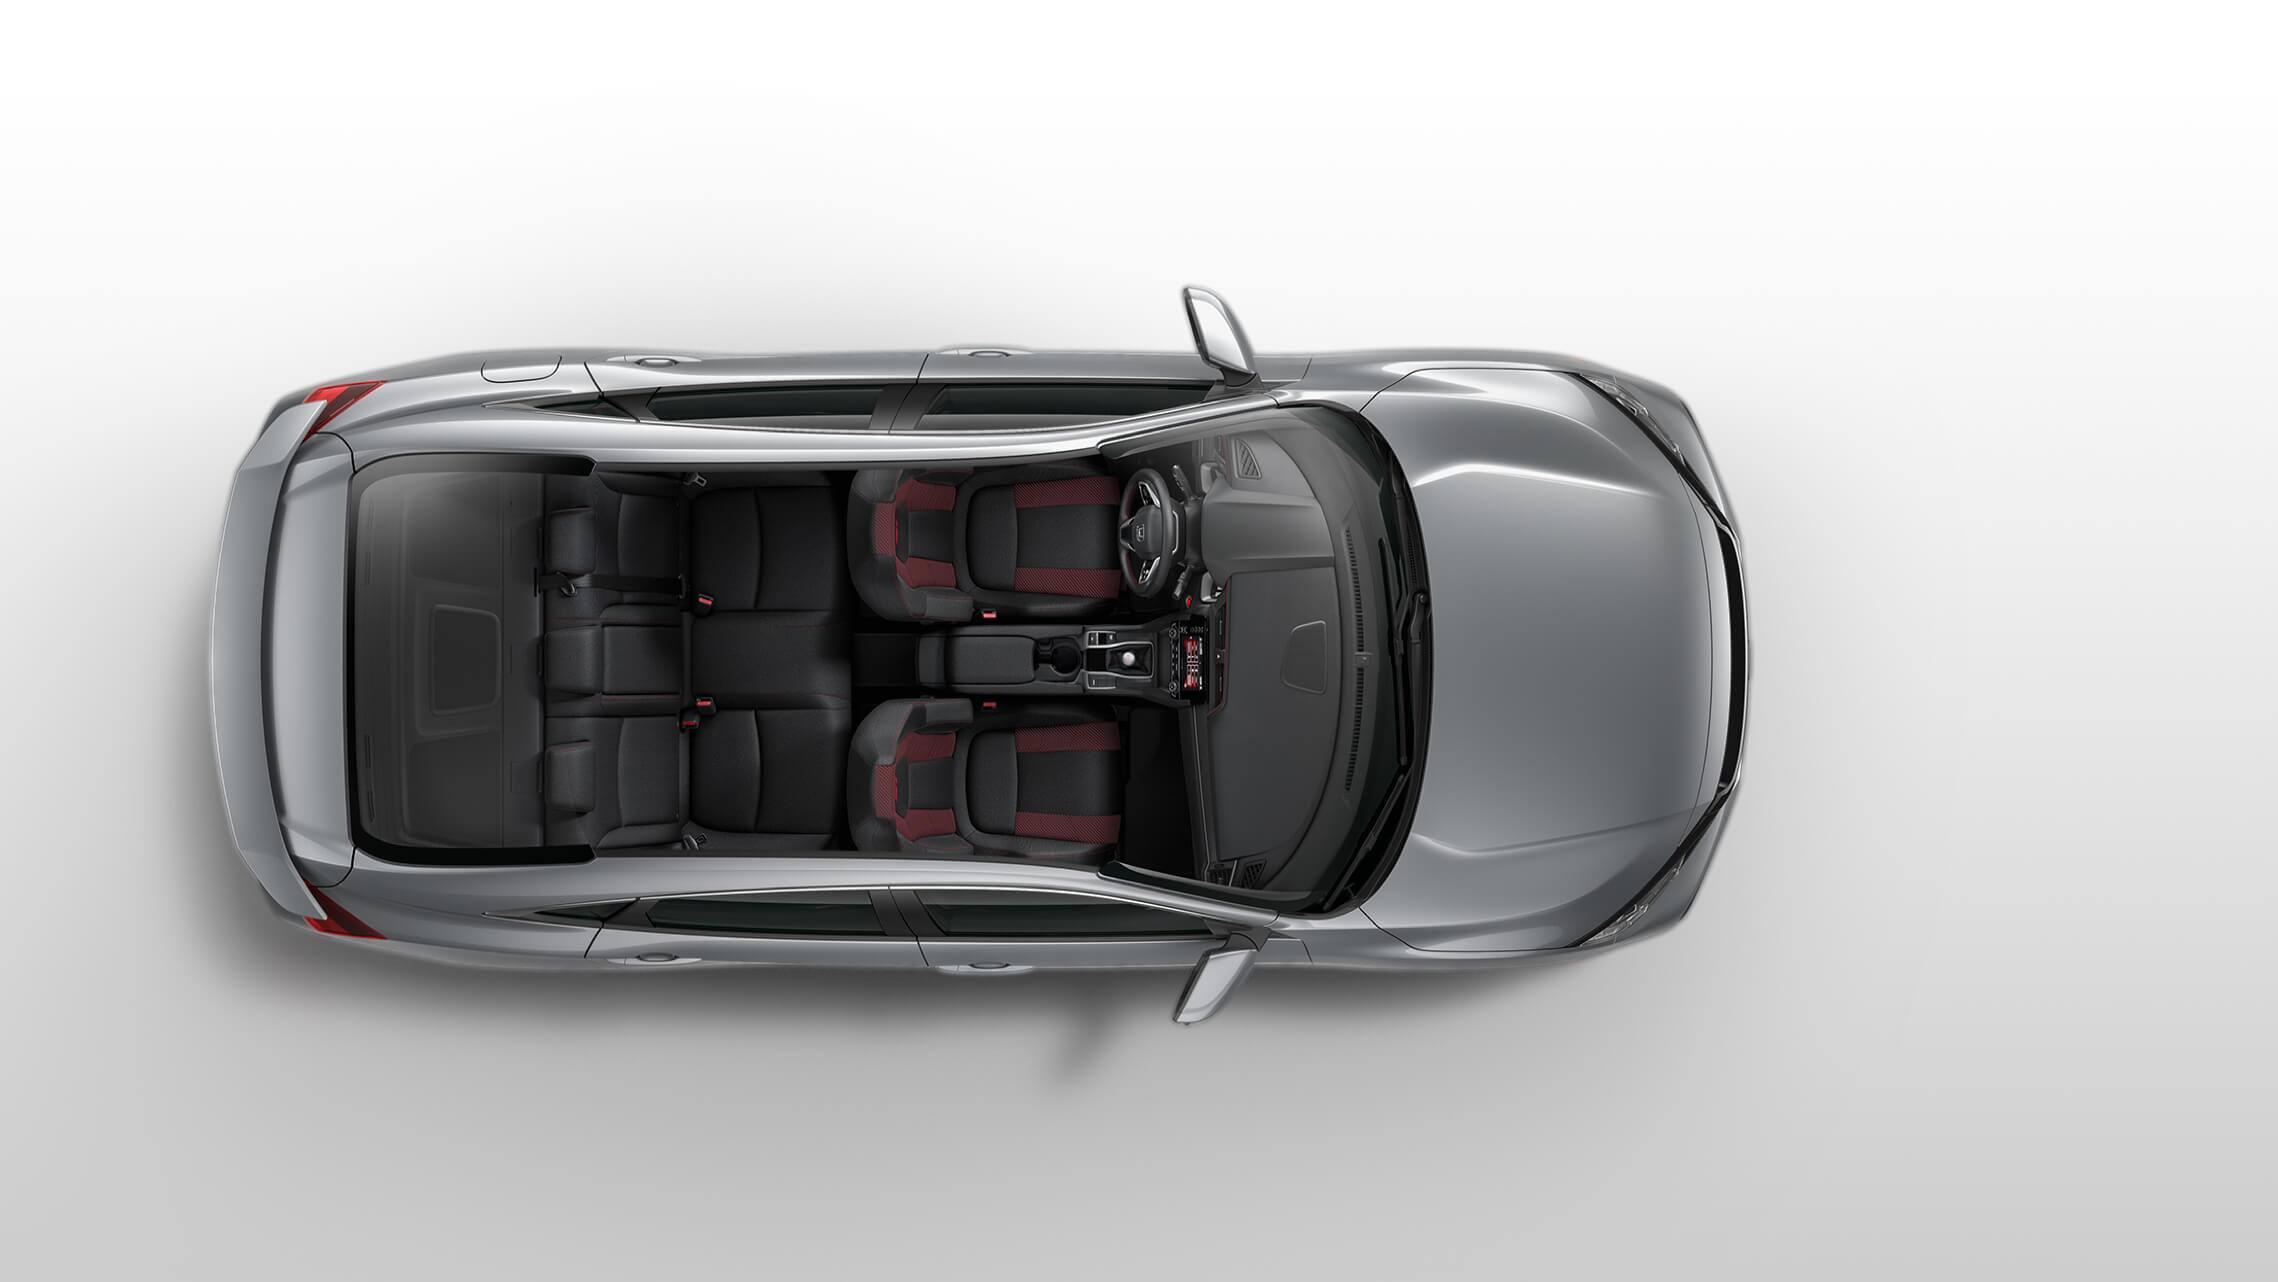 Vista exterior aérea del Honda Civic Si Sedán2020.